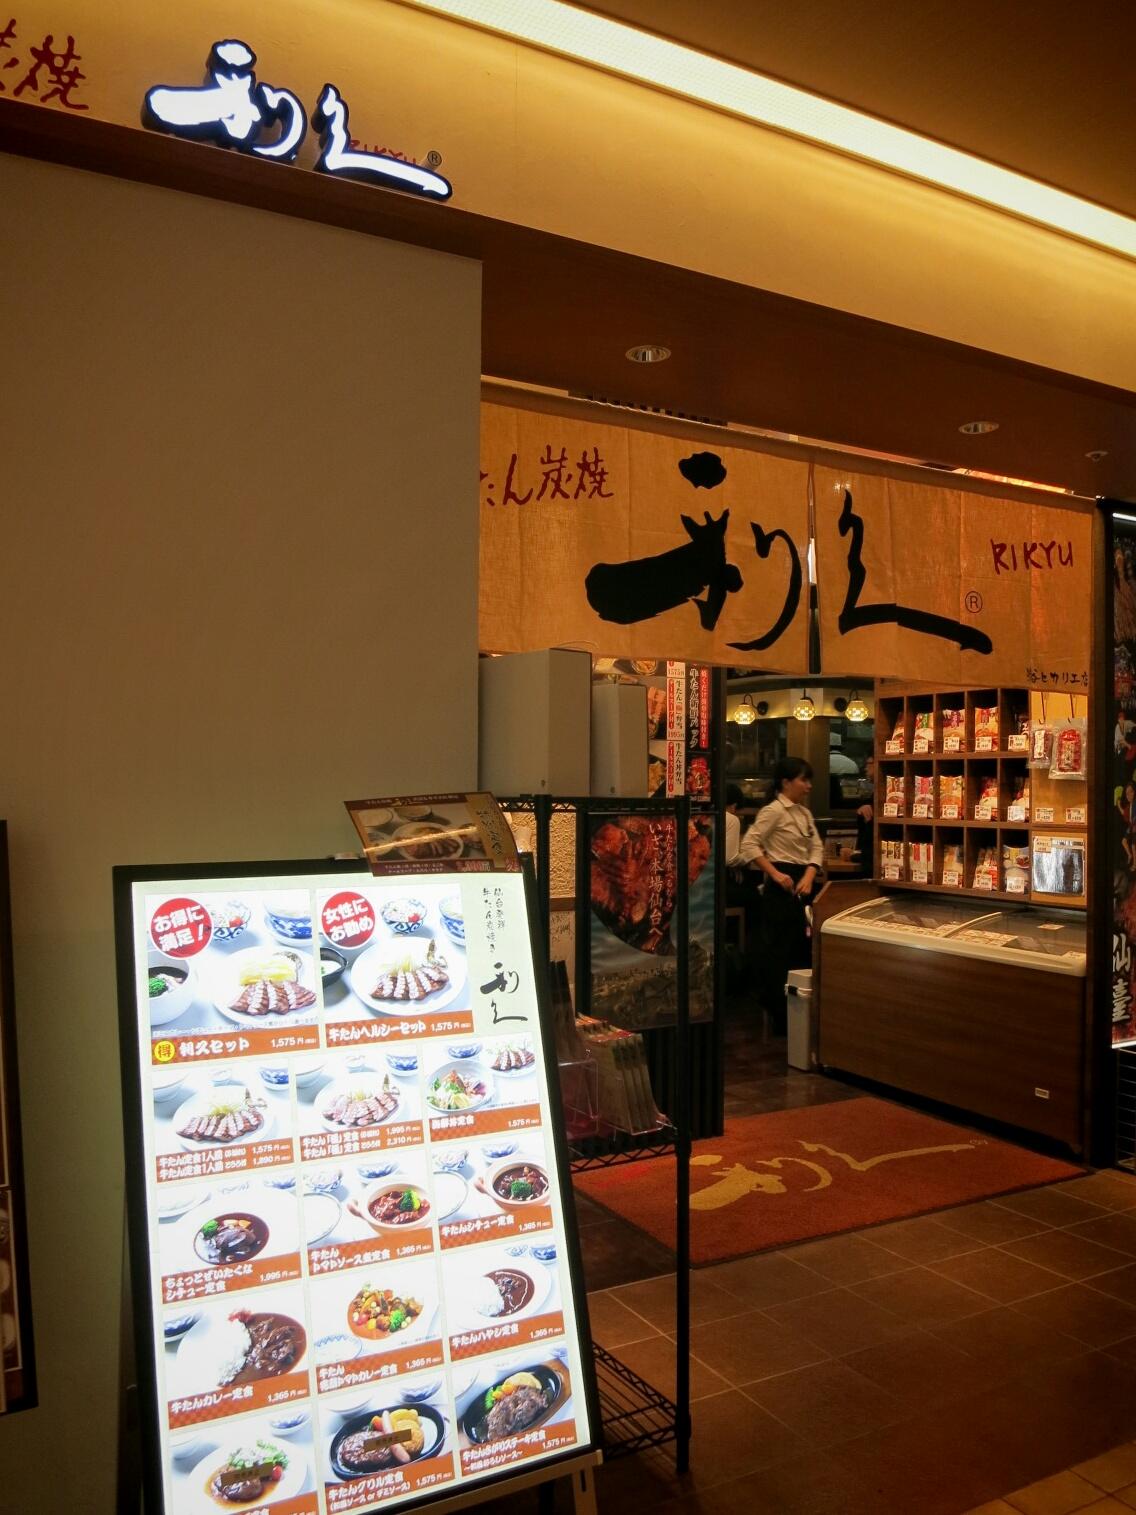 バレンタインランチ@渋谷ヒカリエ~銀座三越でお茶時間♪_f0236260_1631101.jpg